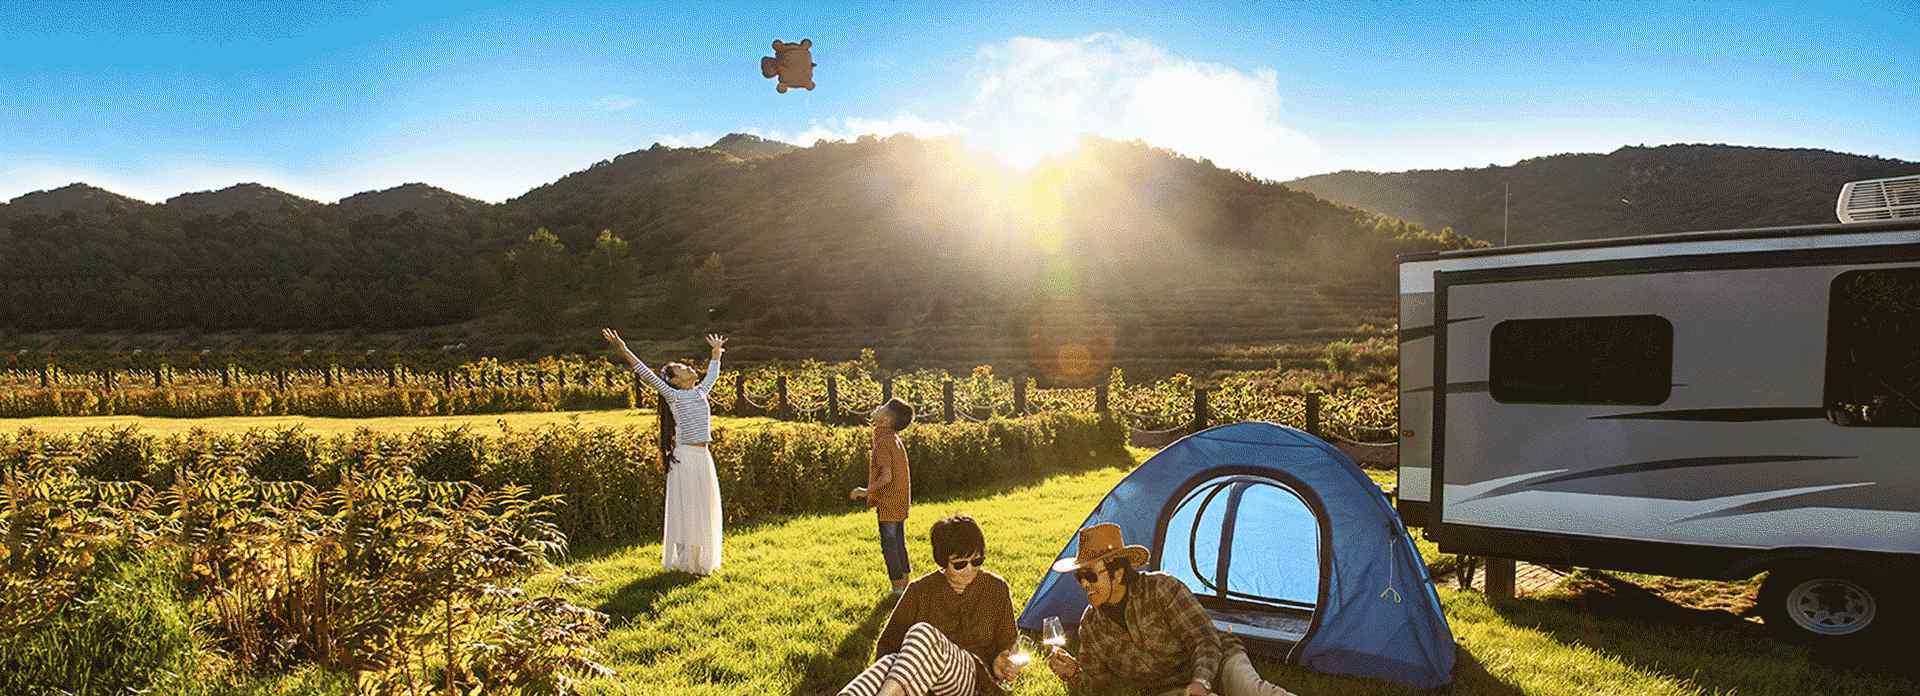 美拍分享美好22p 在海坨山谷,生活就是与自然和家人长久相伴